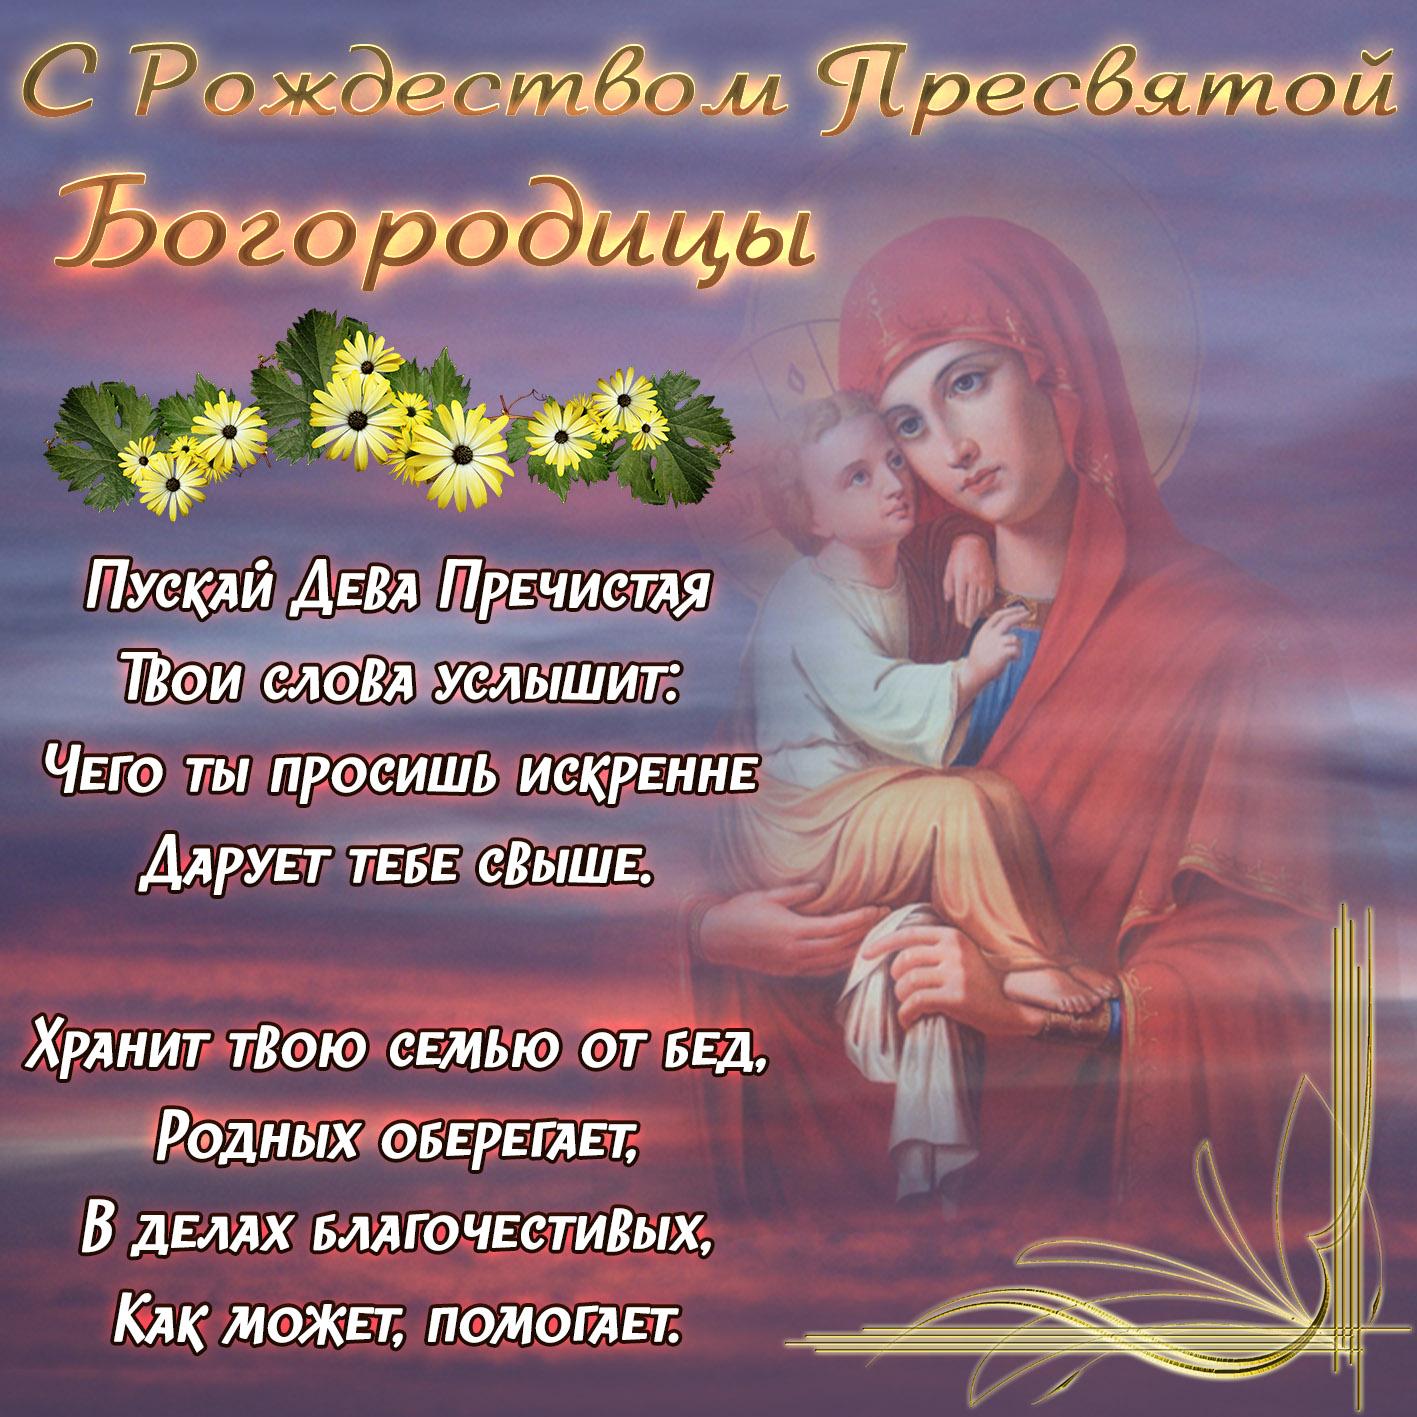 Поздравления, картинка с рождеством девы марии